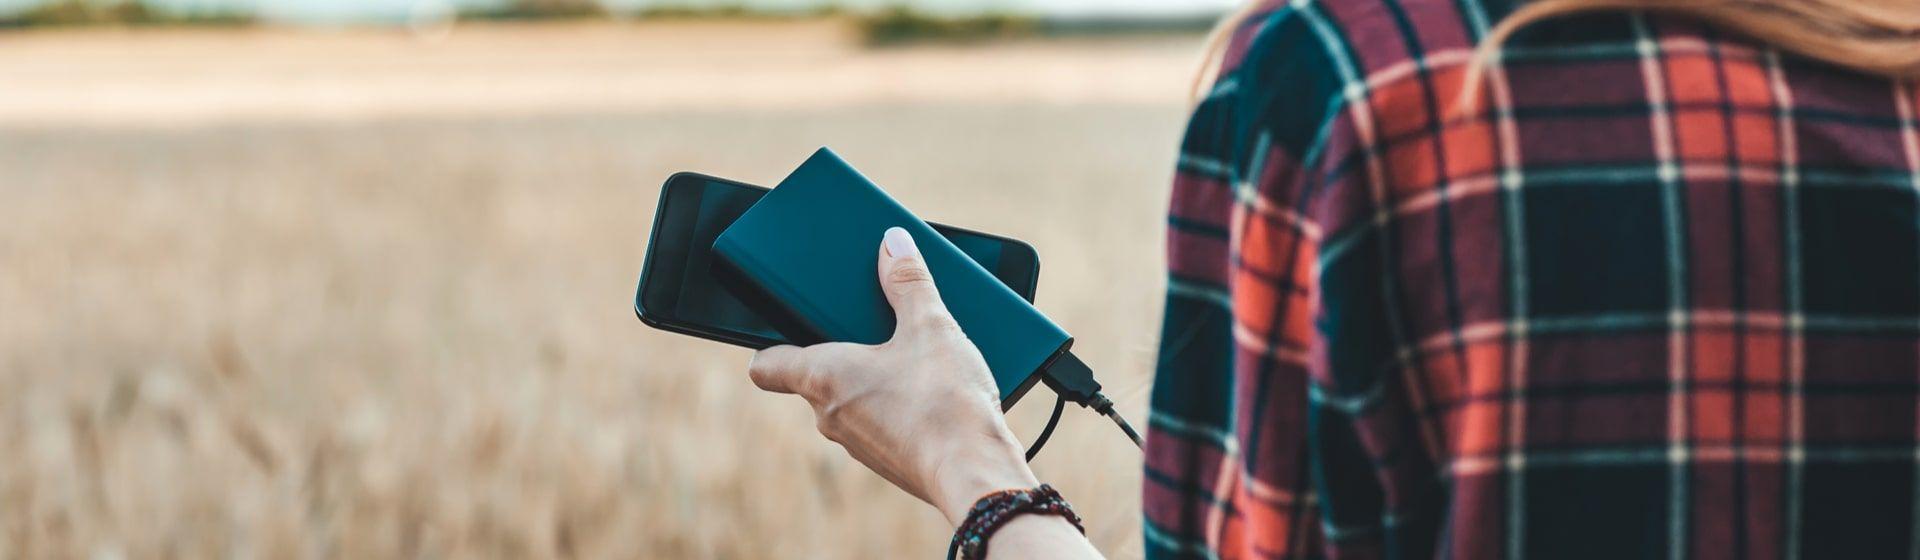 Carregador portátil: as melhores opções para comprar em 2021